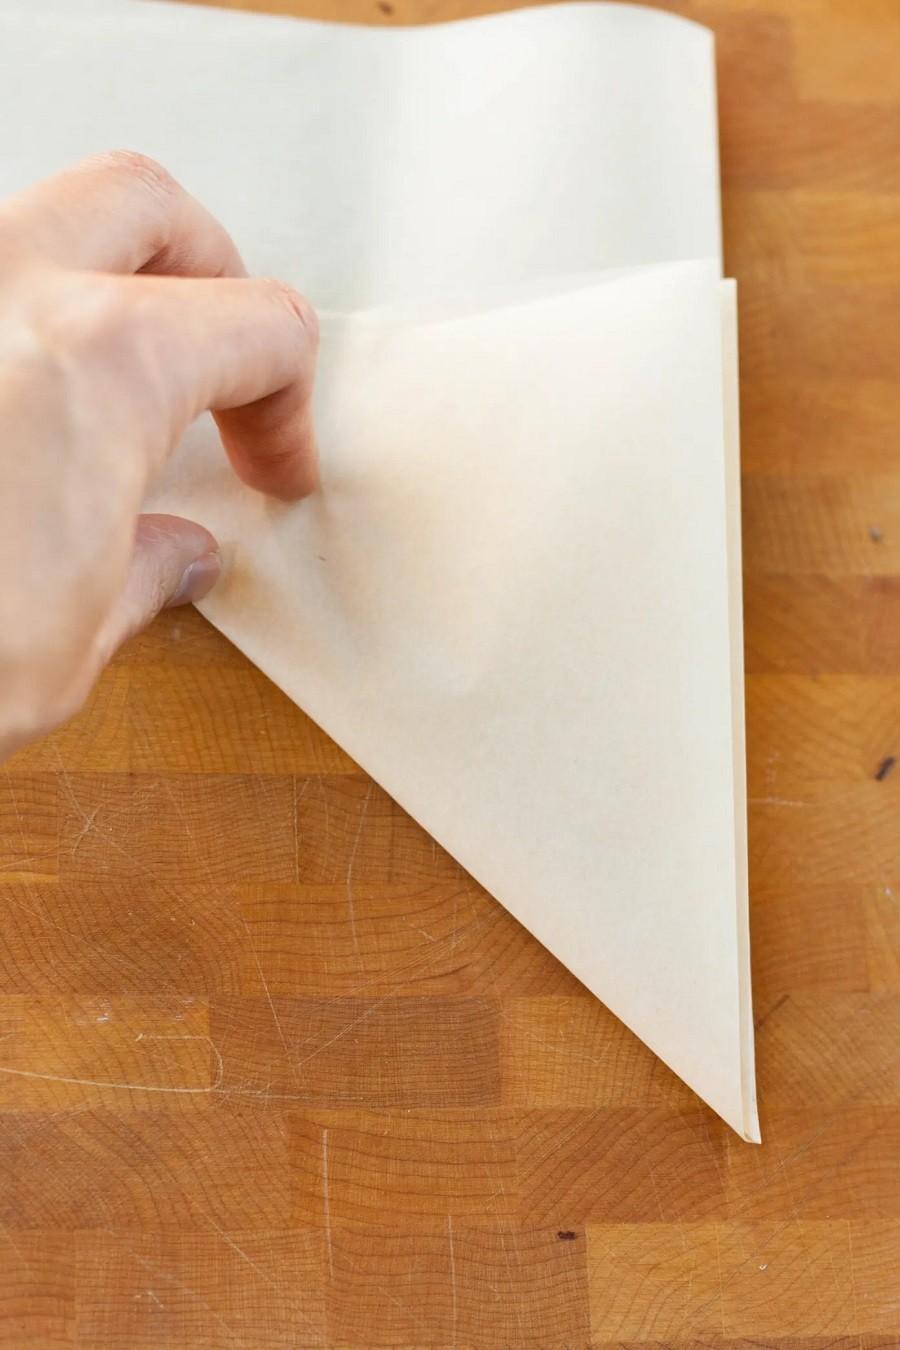 كيفية استخدام ورق الزبدة للكيك- اطوي ورق الزبدة